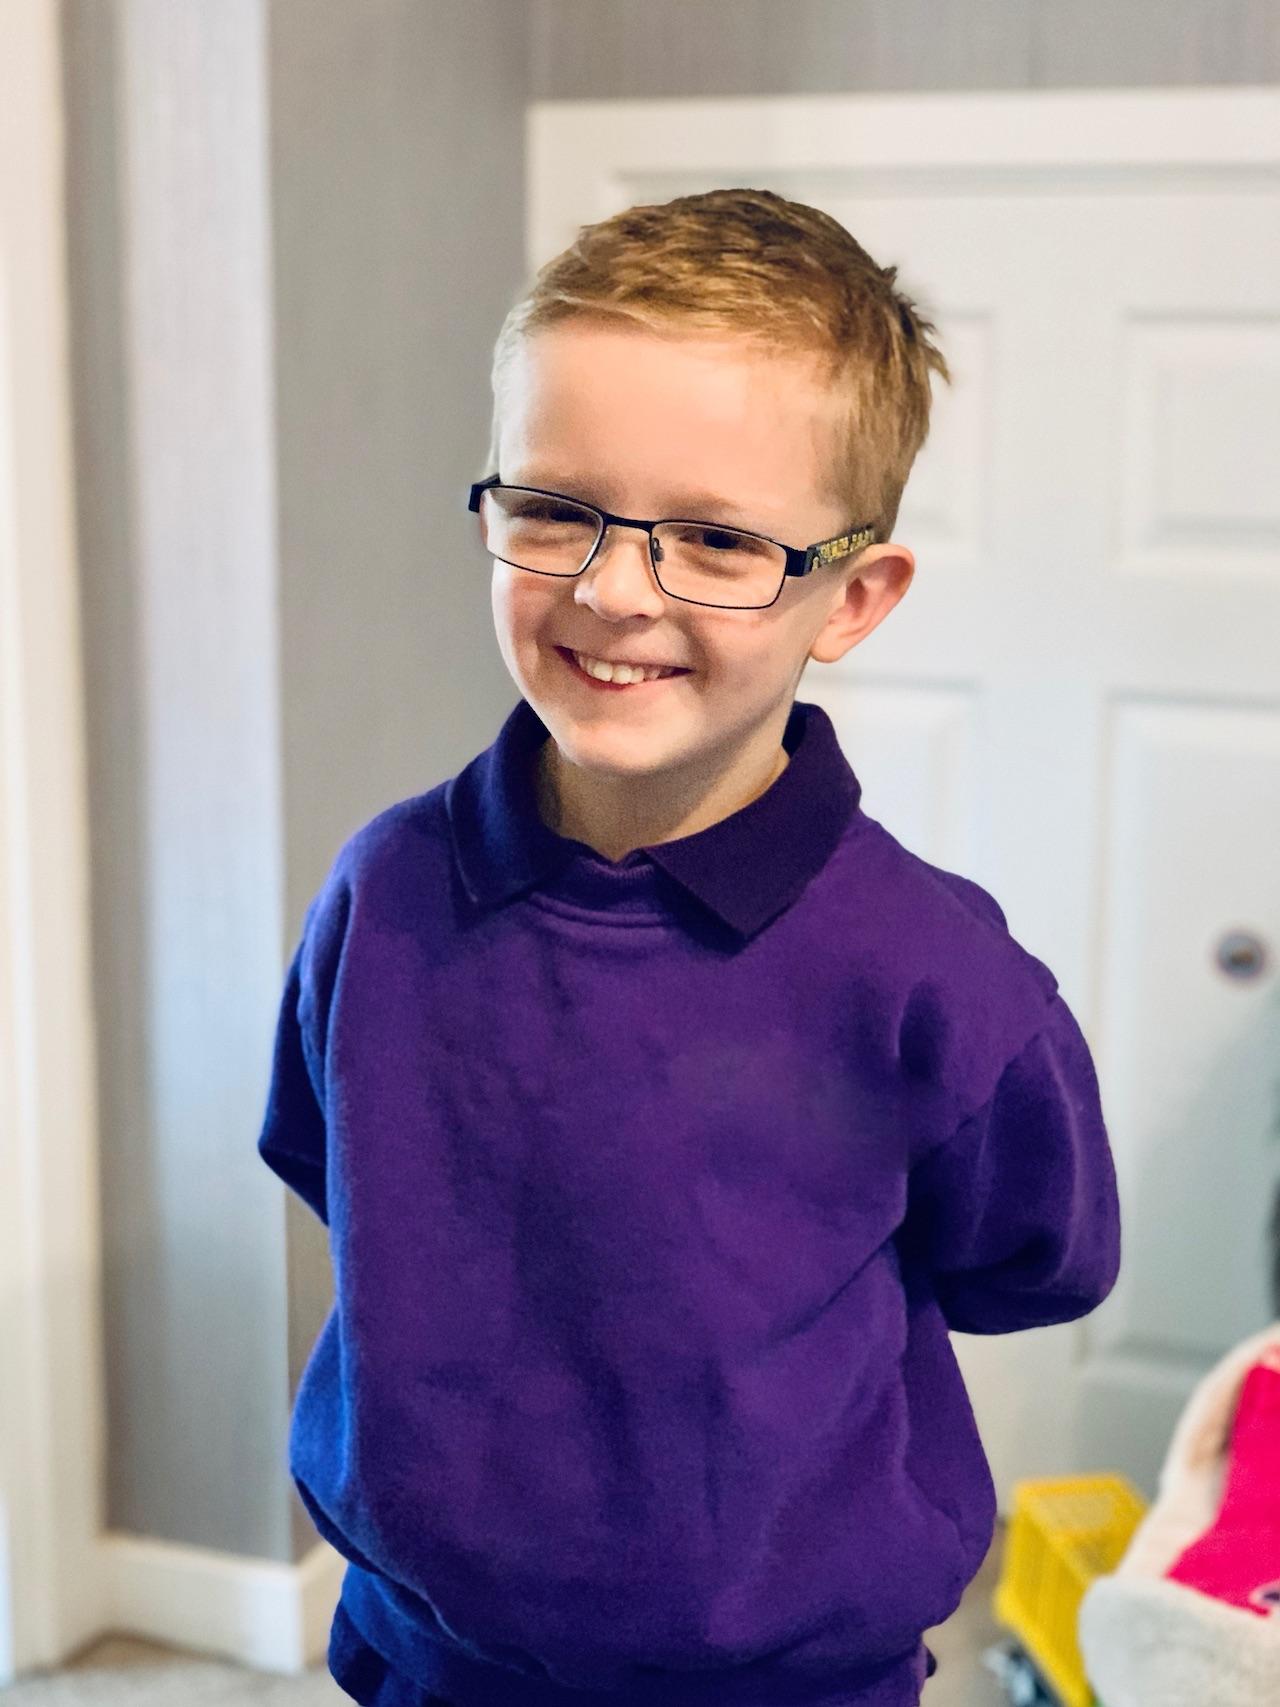 my little man wears glasses